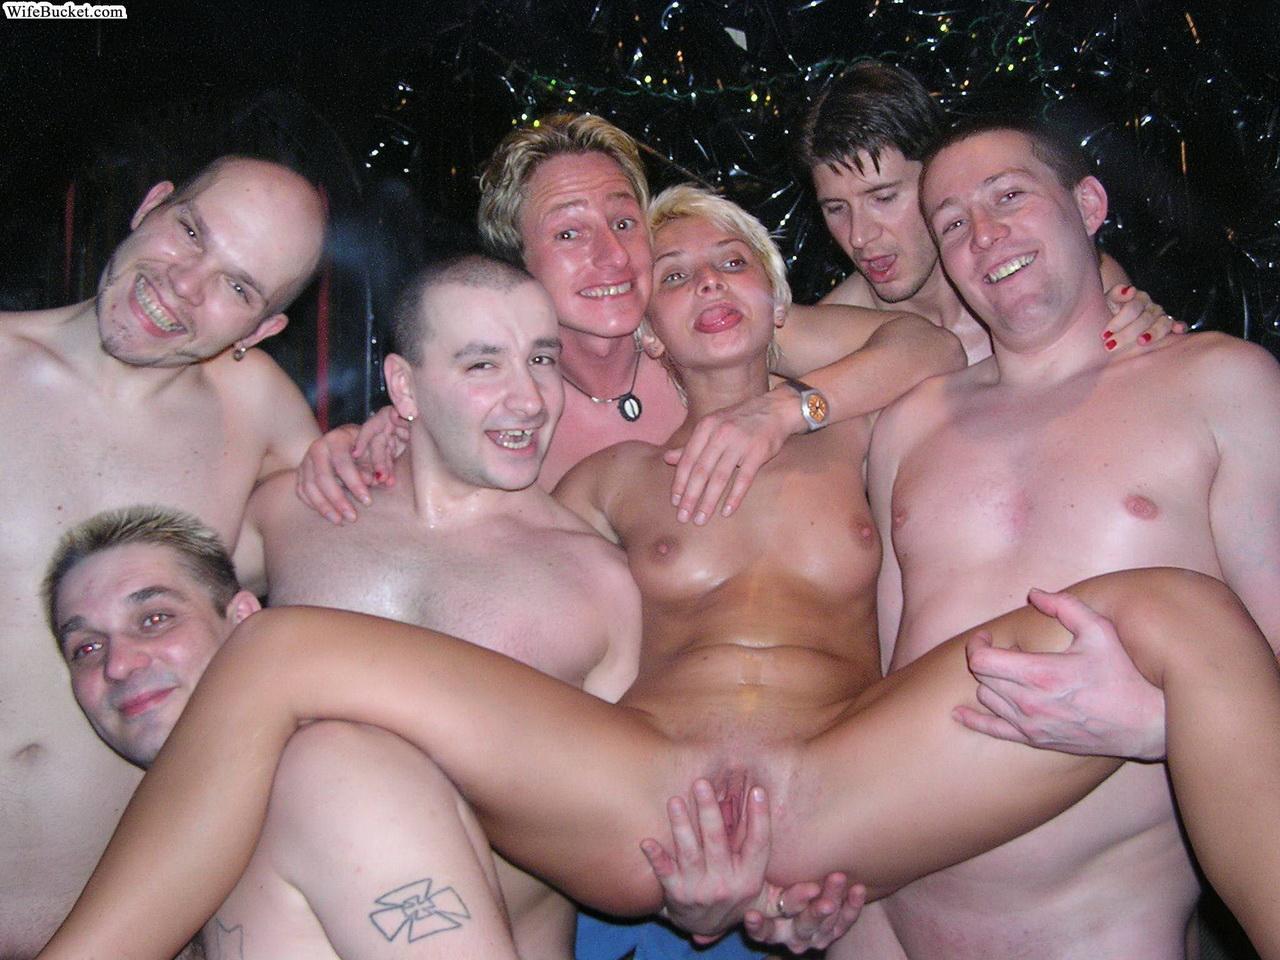 Развратное порно публичное 27 фотография